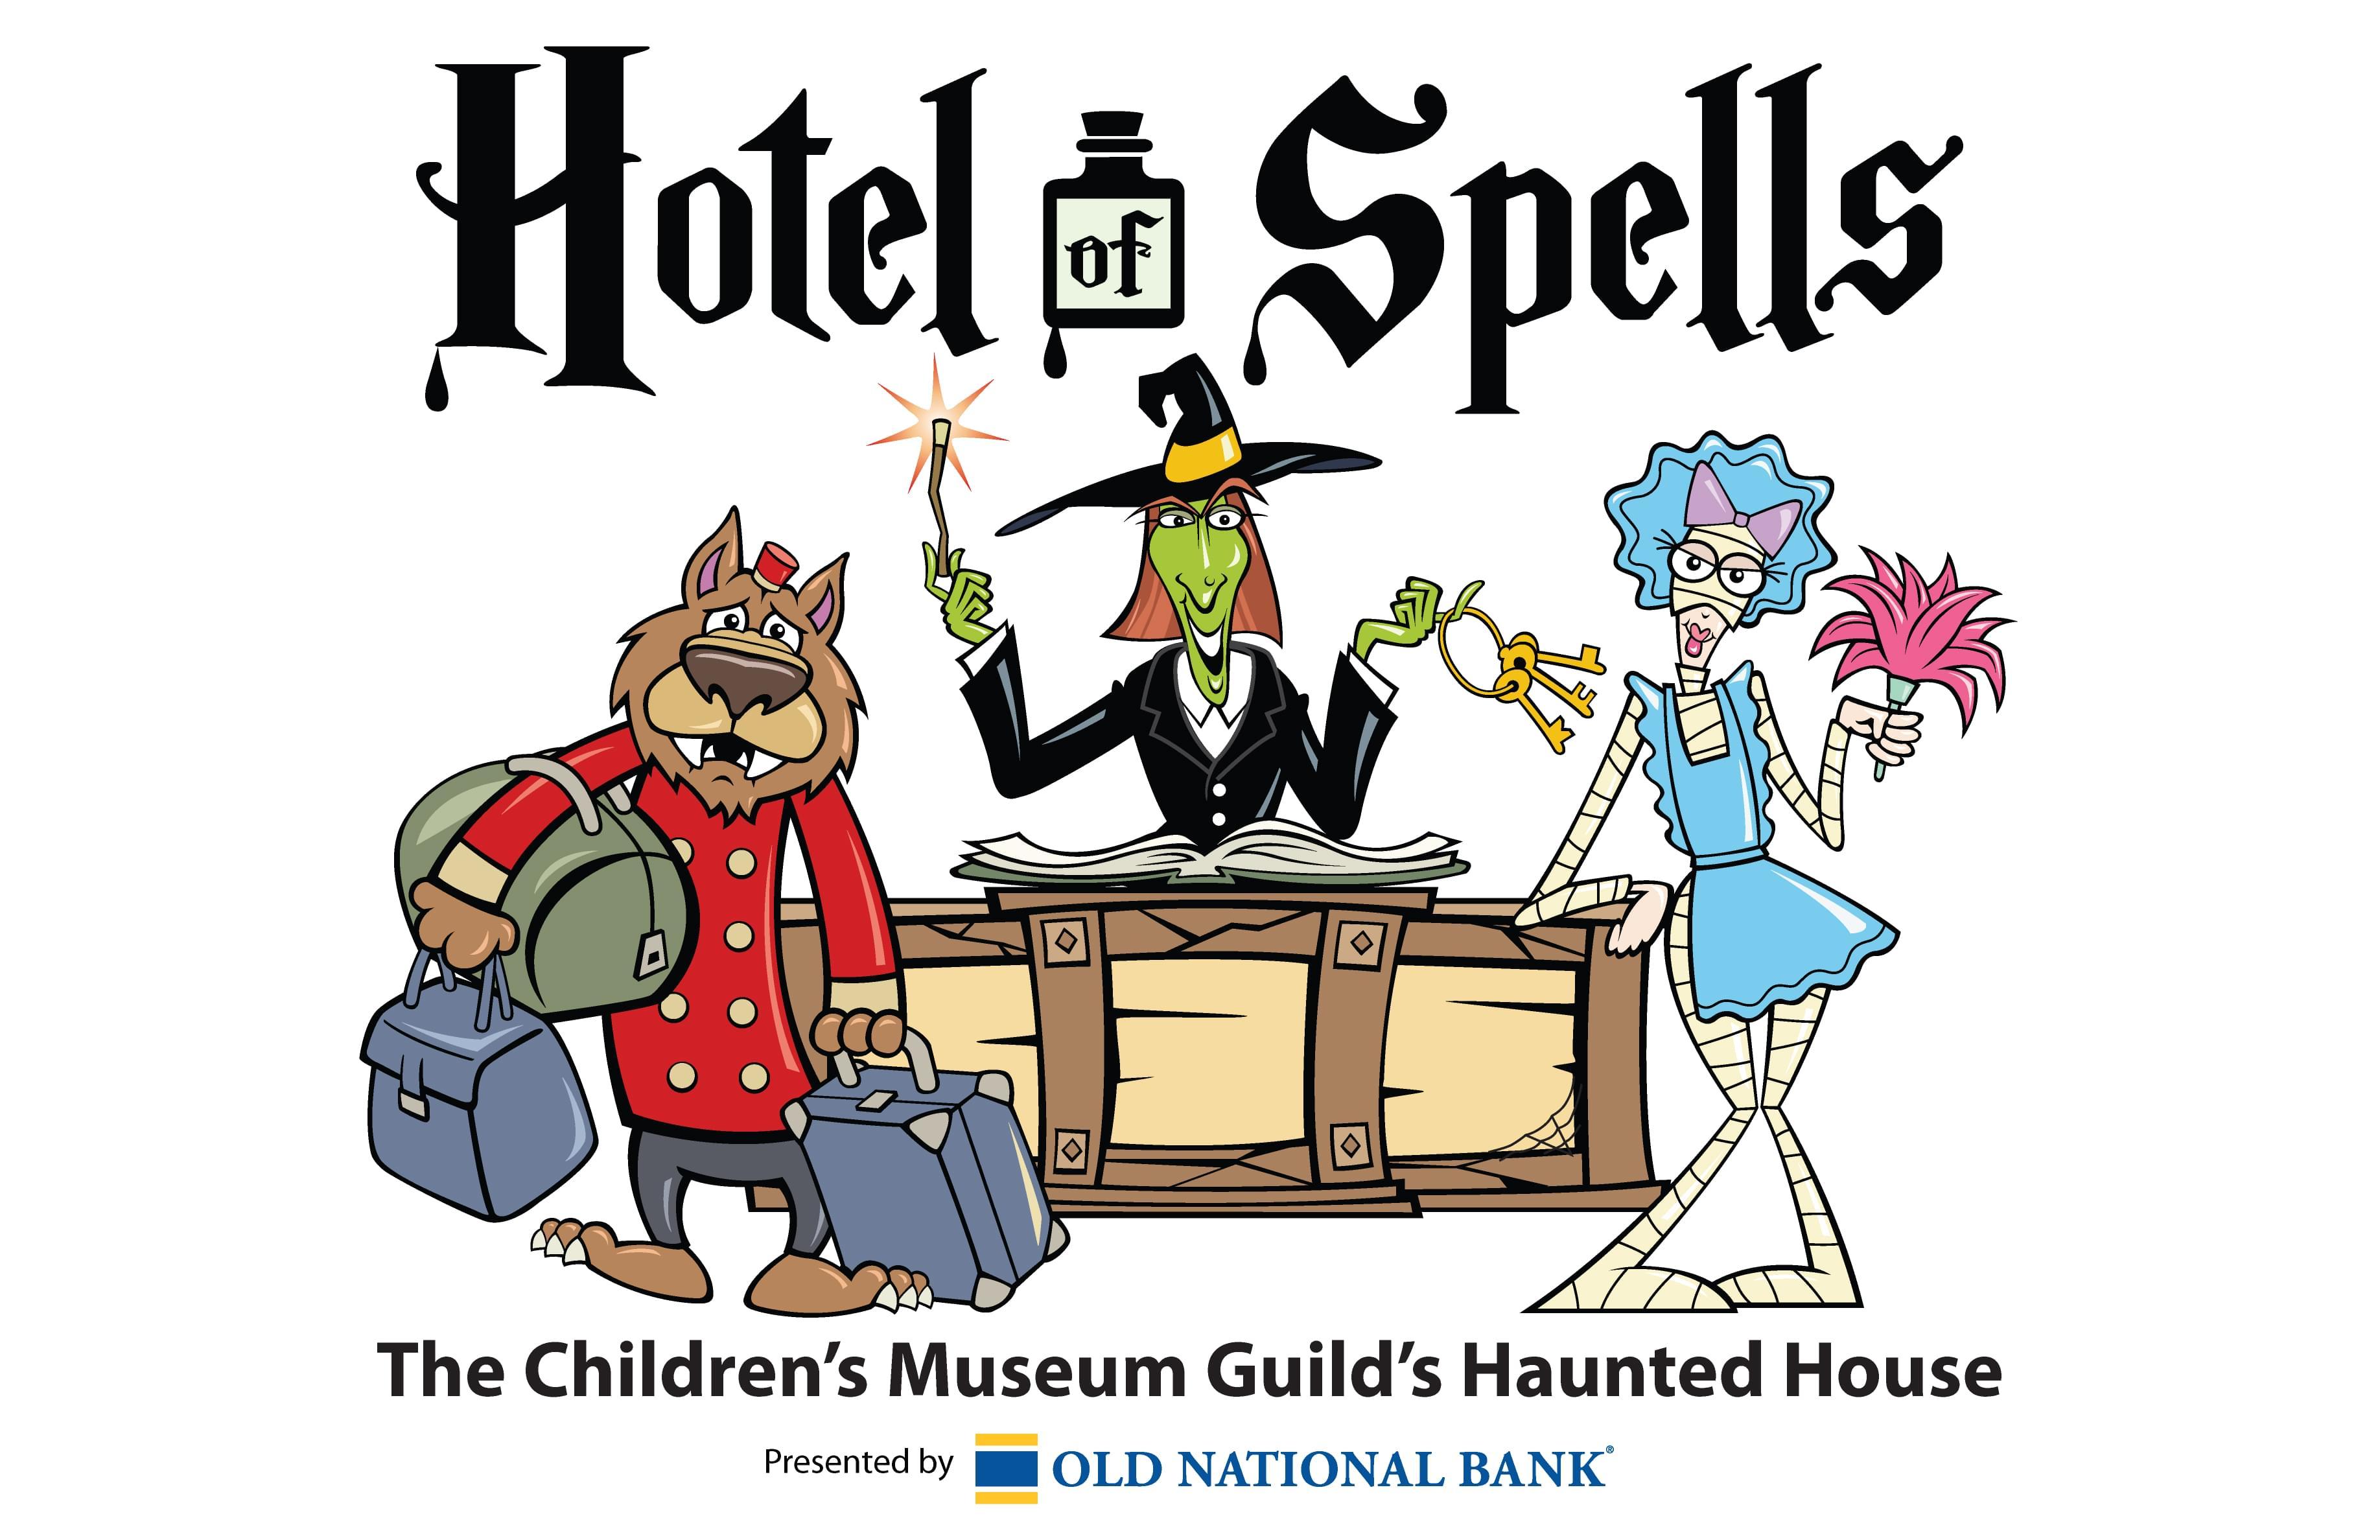 October 11-31 The Children's Museum Guild's Hotel of Spells